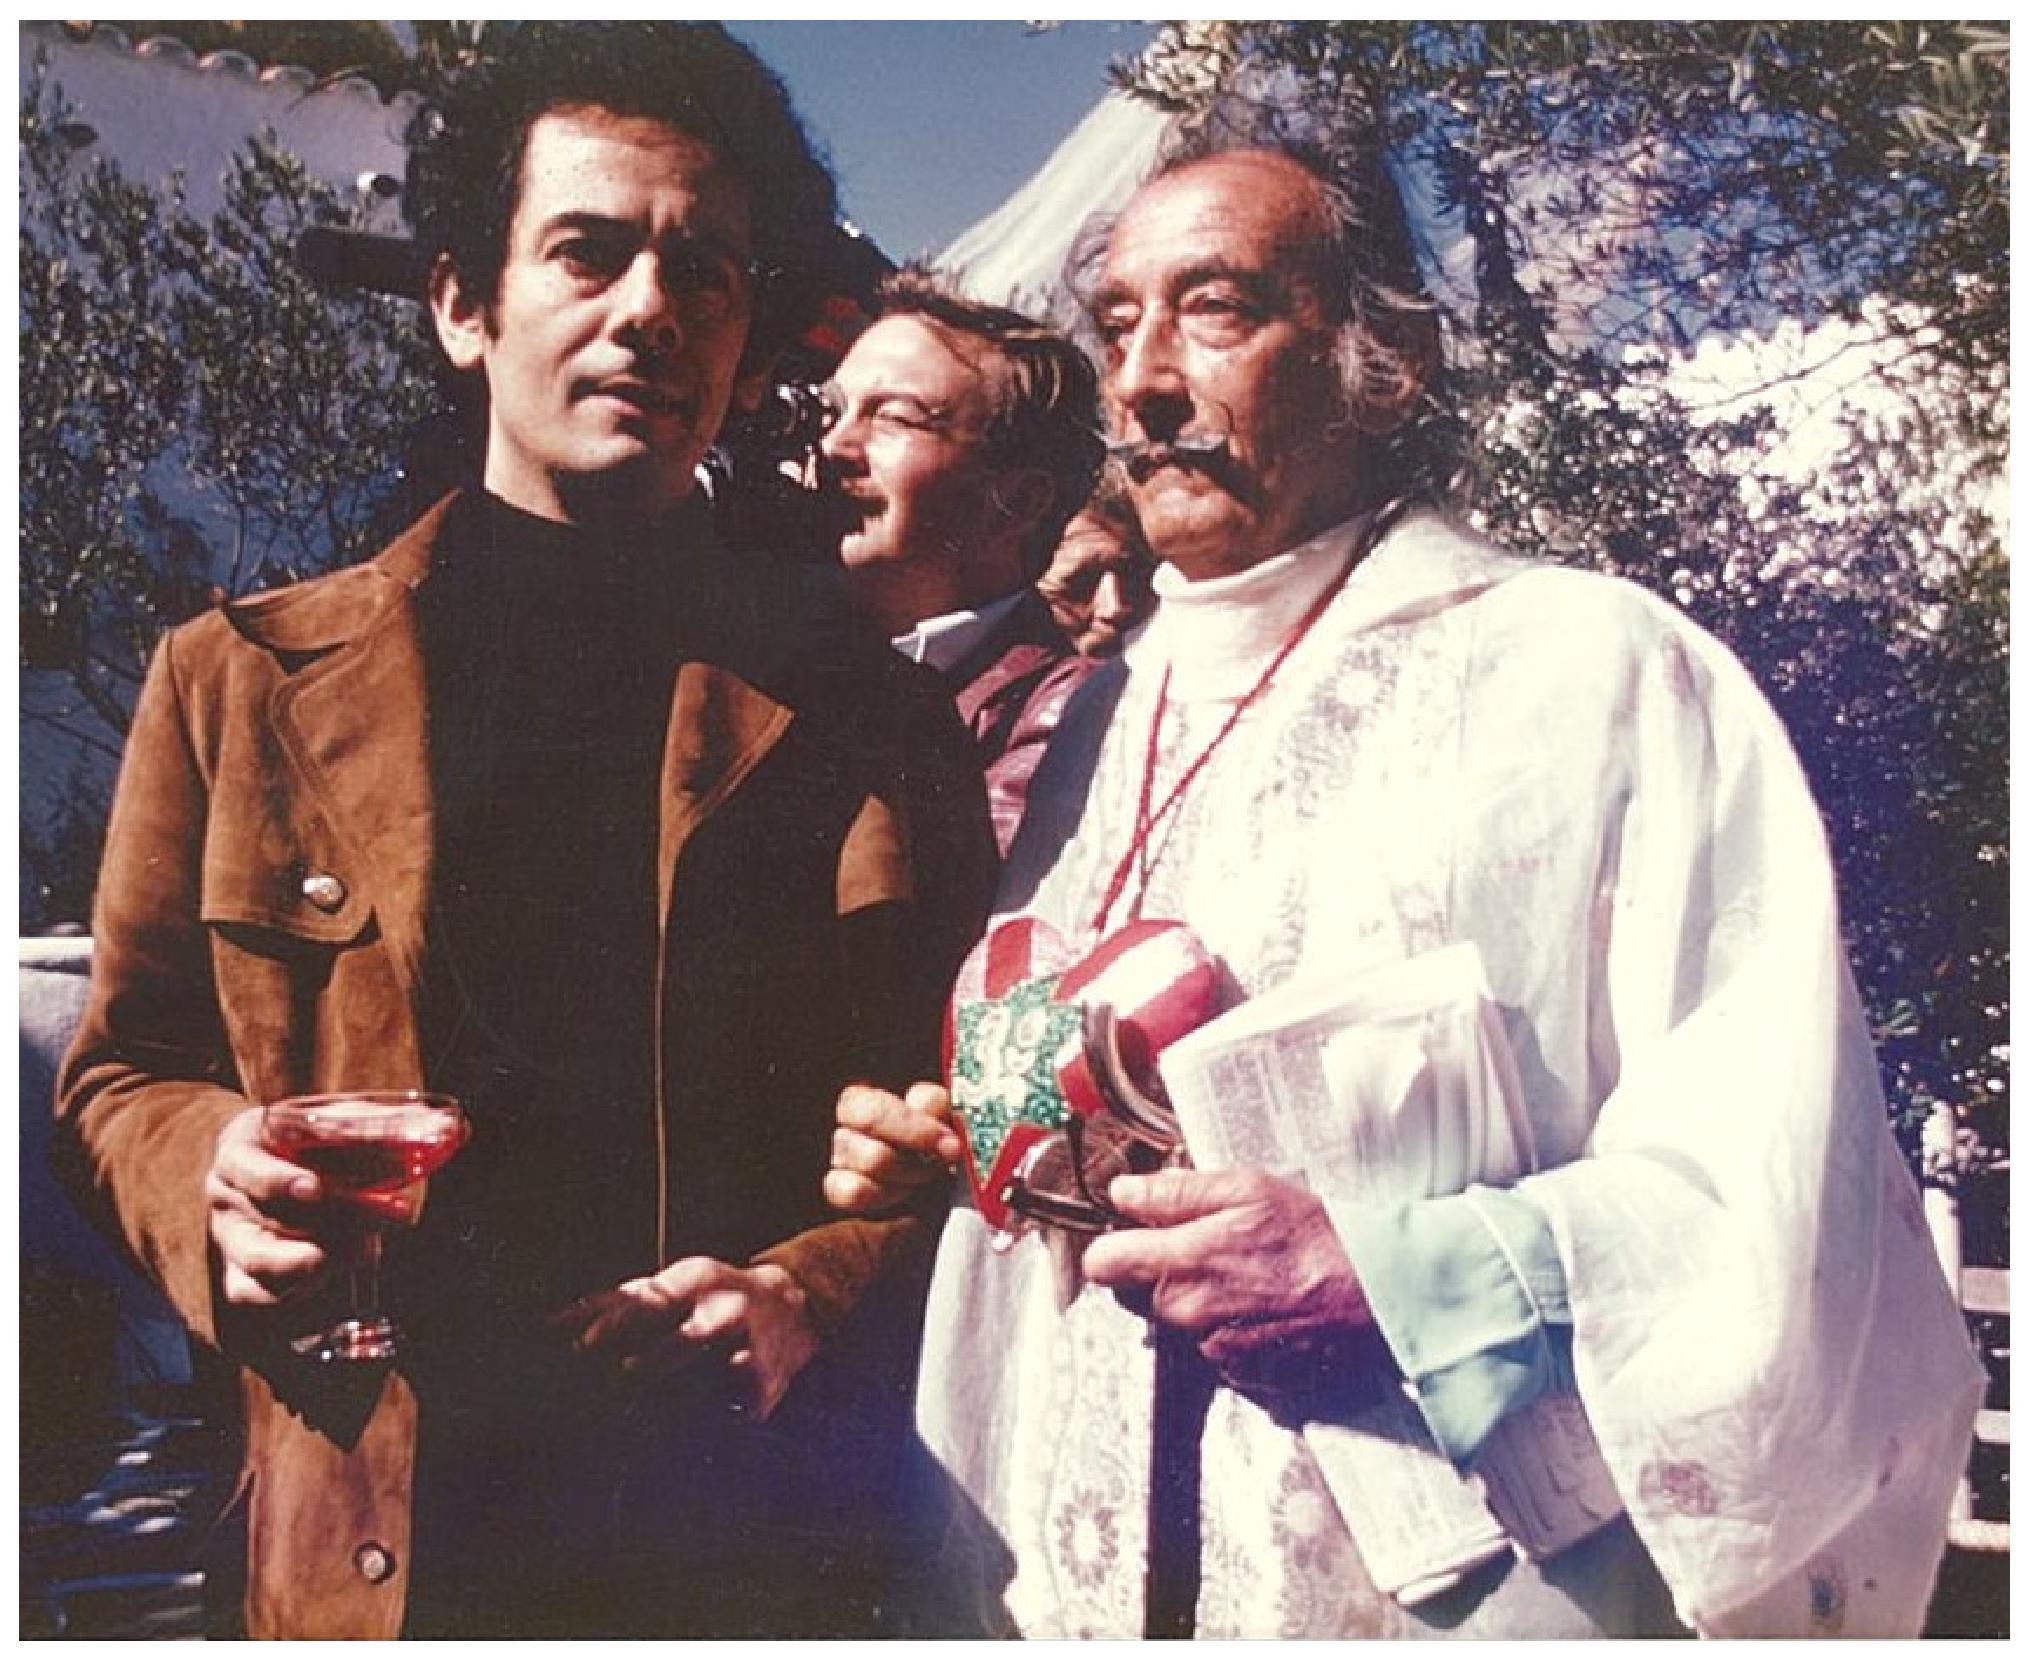 Împreună cu Dali la reşedinţa acestuia din Port Lligat, a doua zi după inaugurarea Muzeului de la Figueras, în septembrie 1974